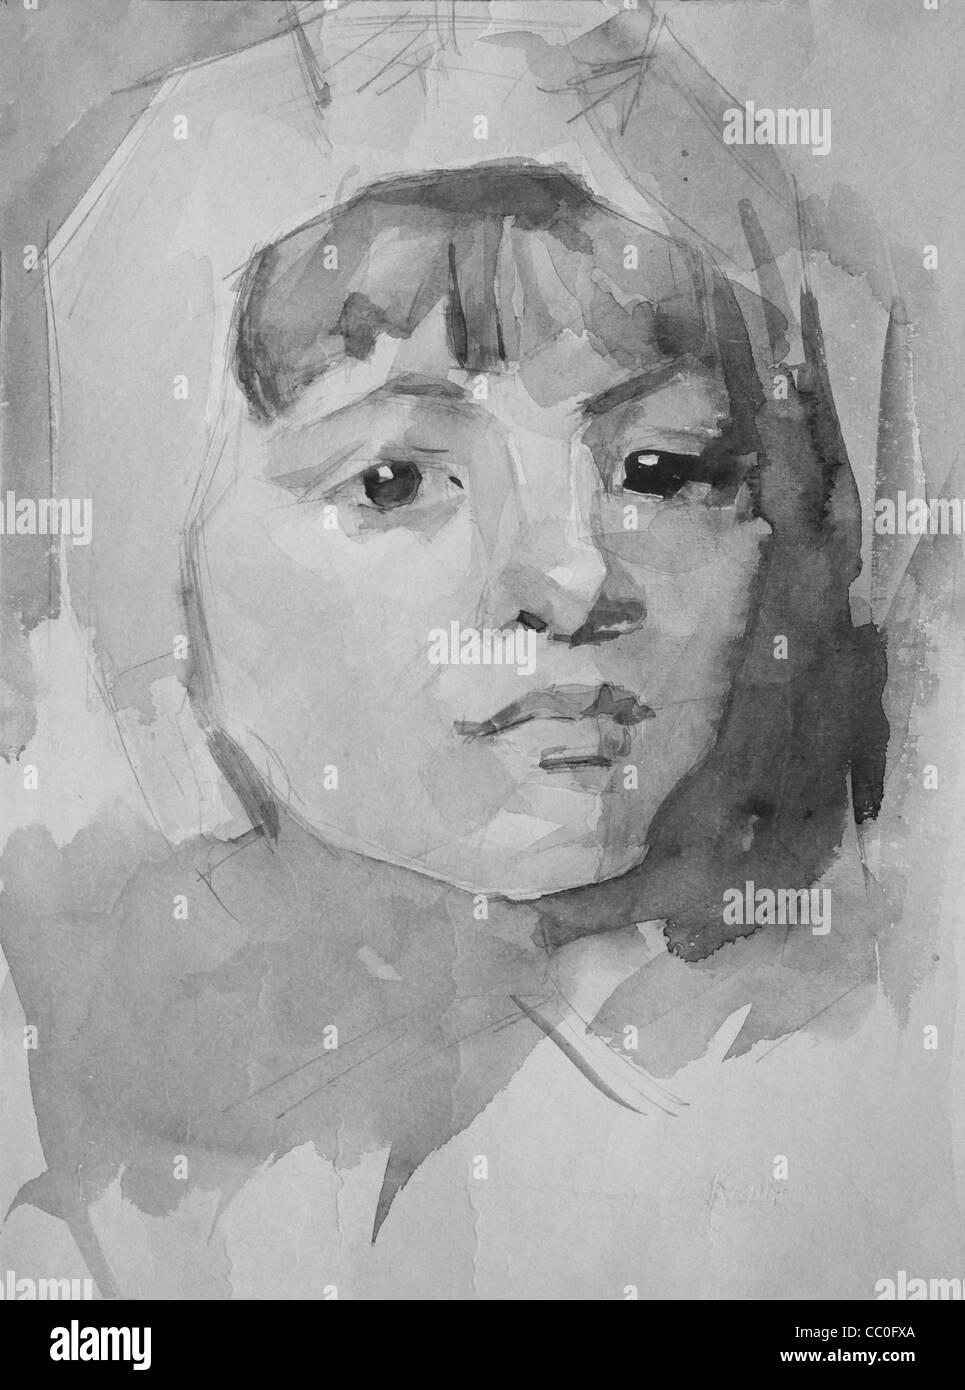 Gráfico retrato de una niña pintado a lápiz y acuarela Imagen De Stock